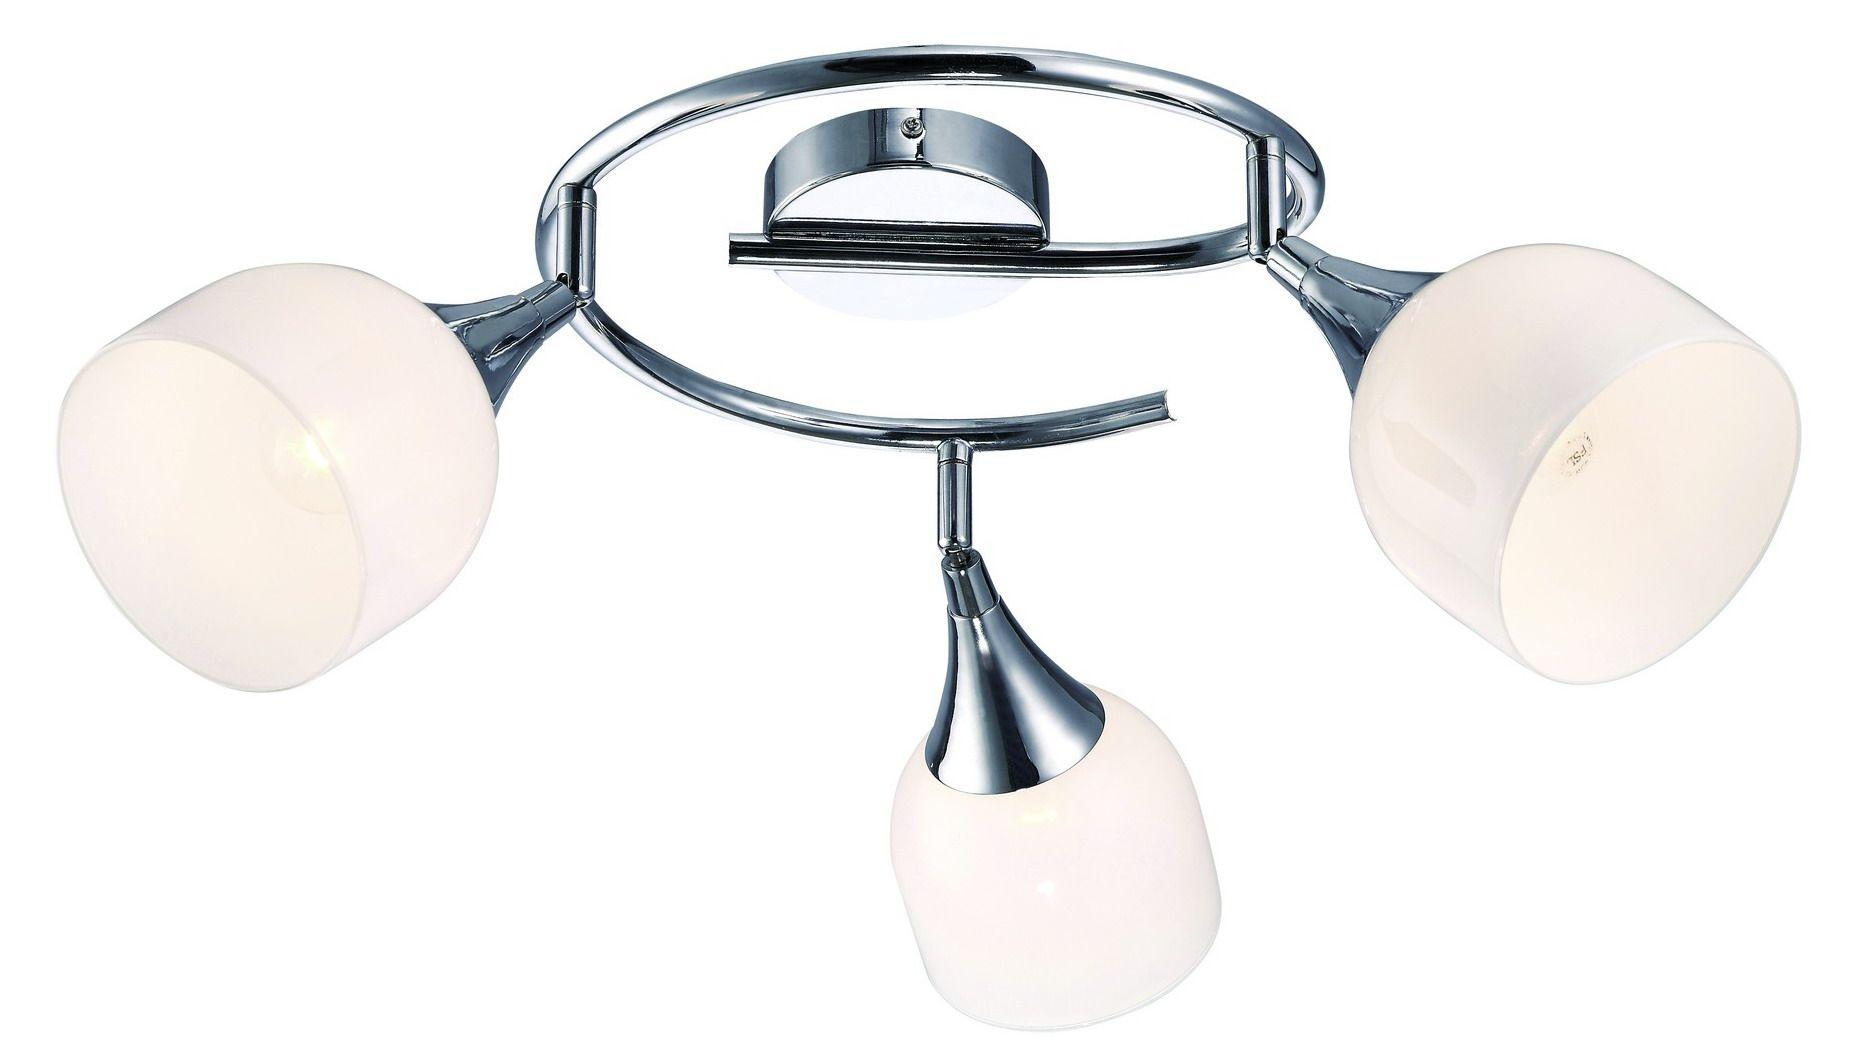 Фото товара A9556PL-3CC Arte Lamp